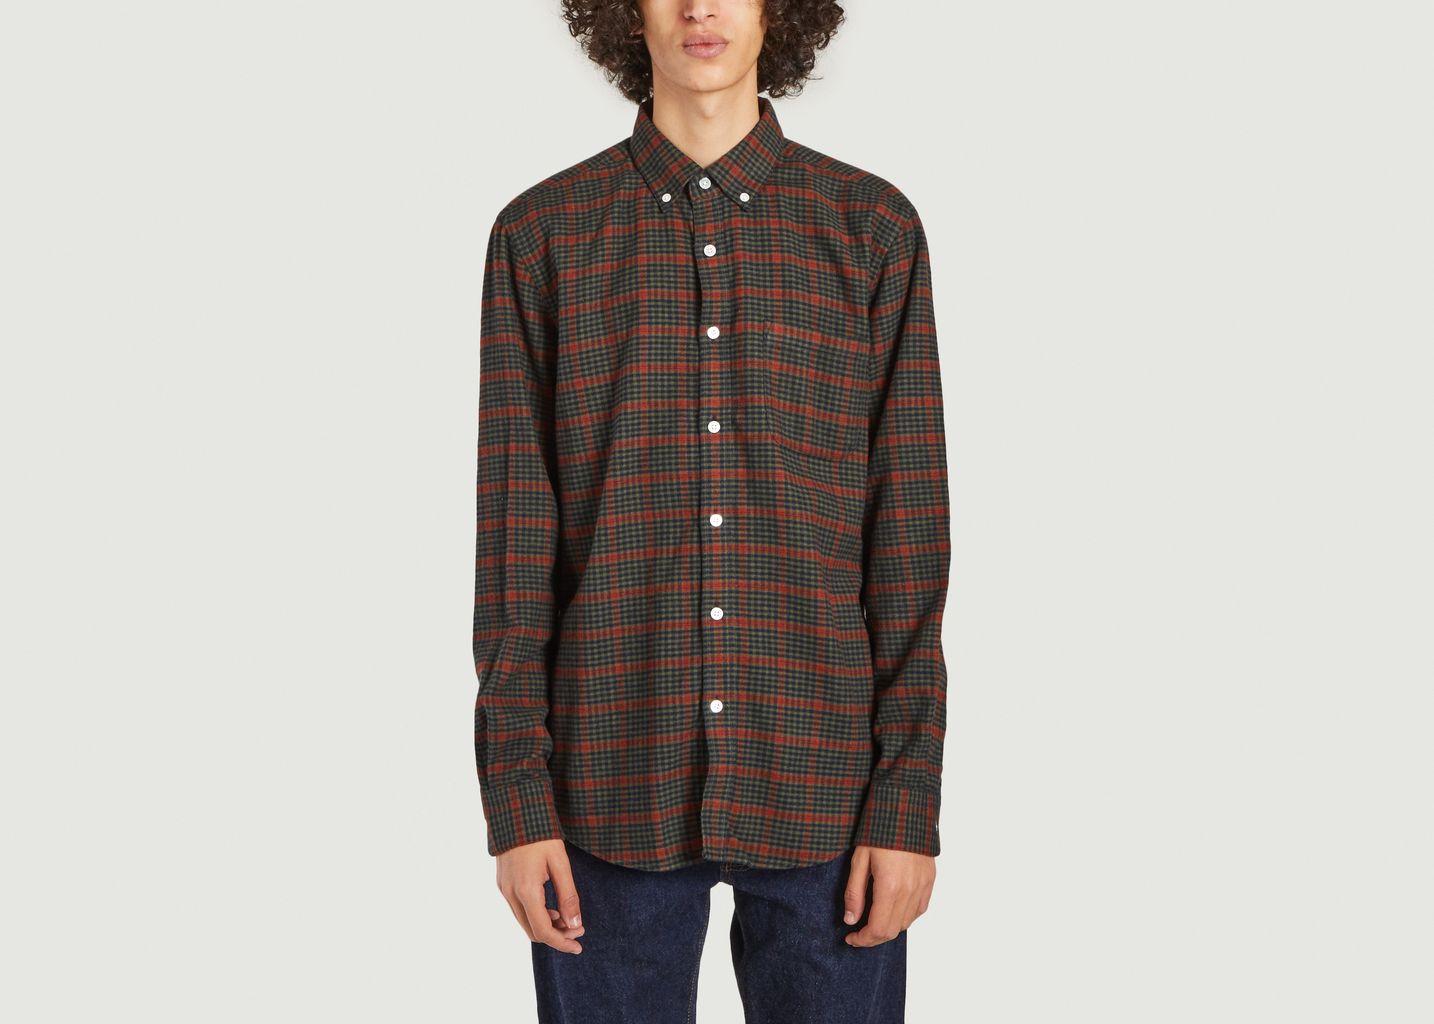 Chemise en flanelle à carreaux Coimbra - Portuguese Flannel